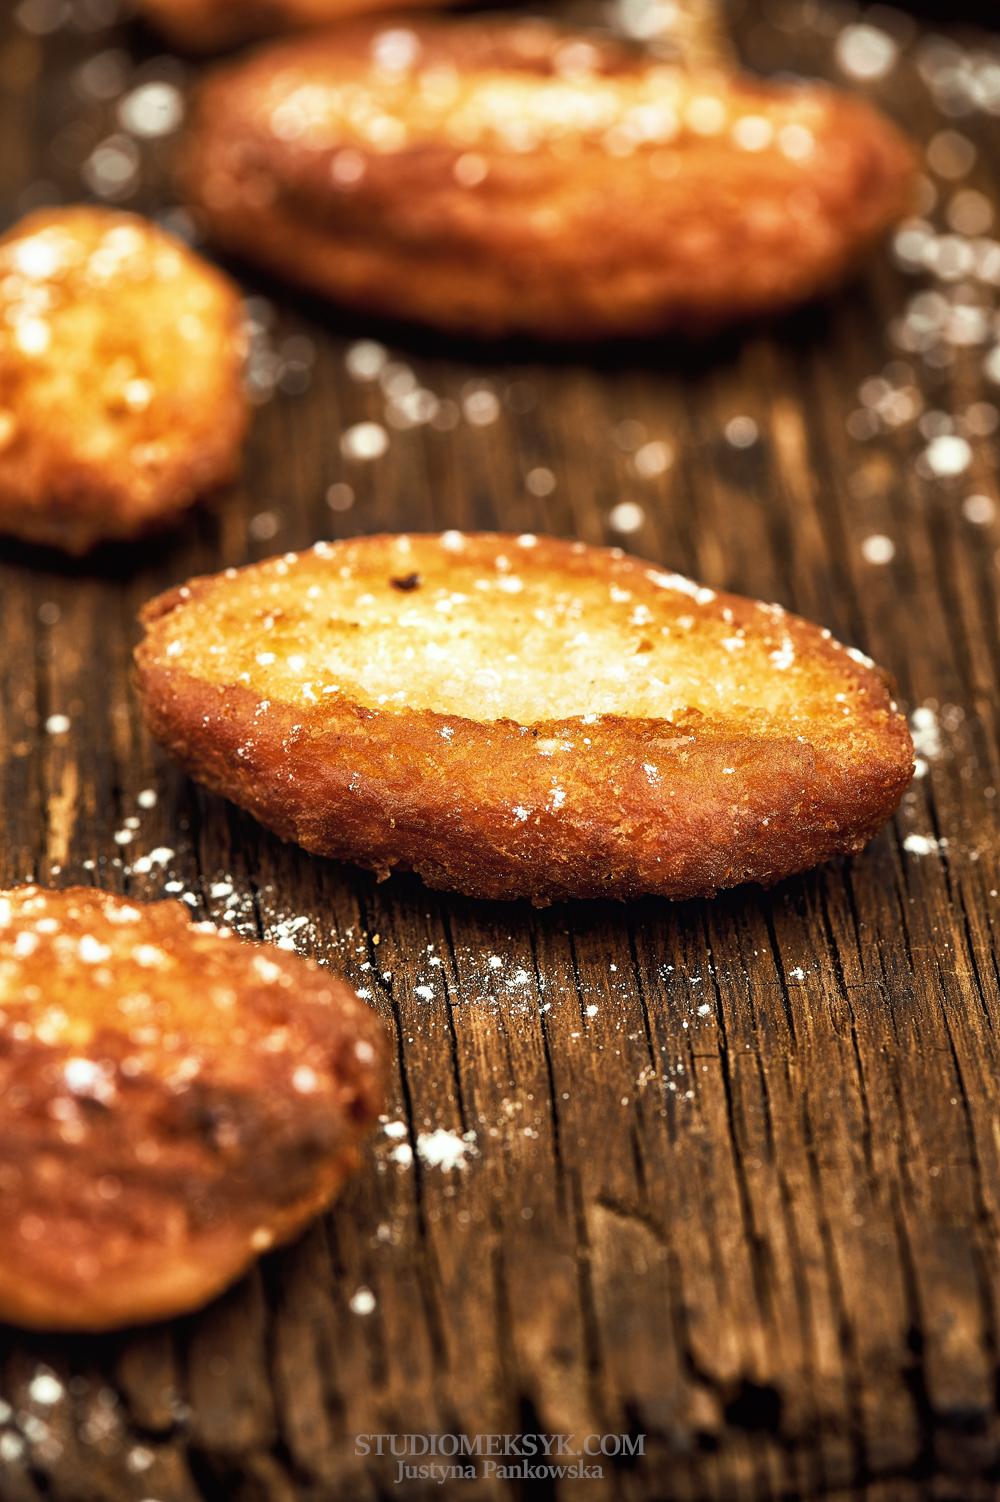 donuts, doughnuts, pączki, tłusty czwartek, karmelizowane, pyszne, jak zrobić, przepis, prosty, Justyna Pankowska, studio meksyk 1.jpg